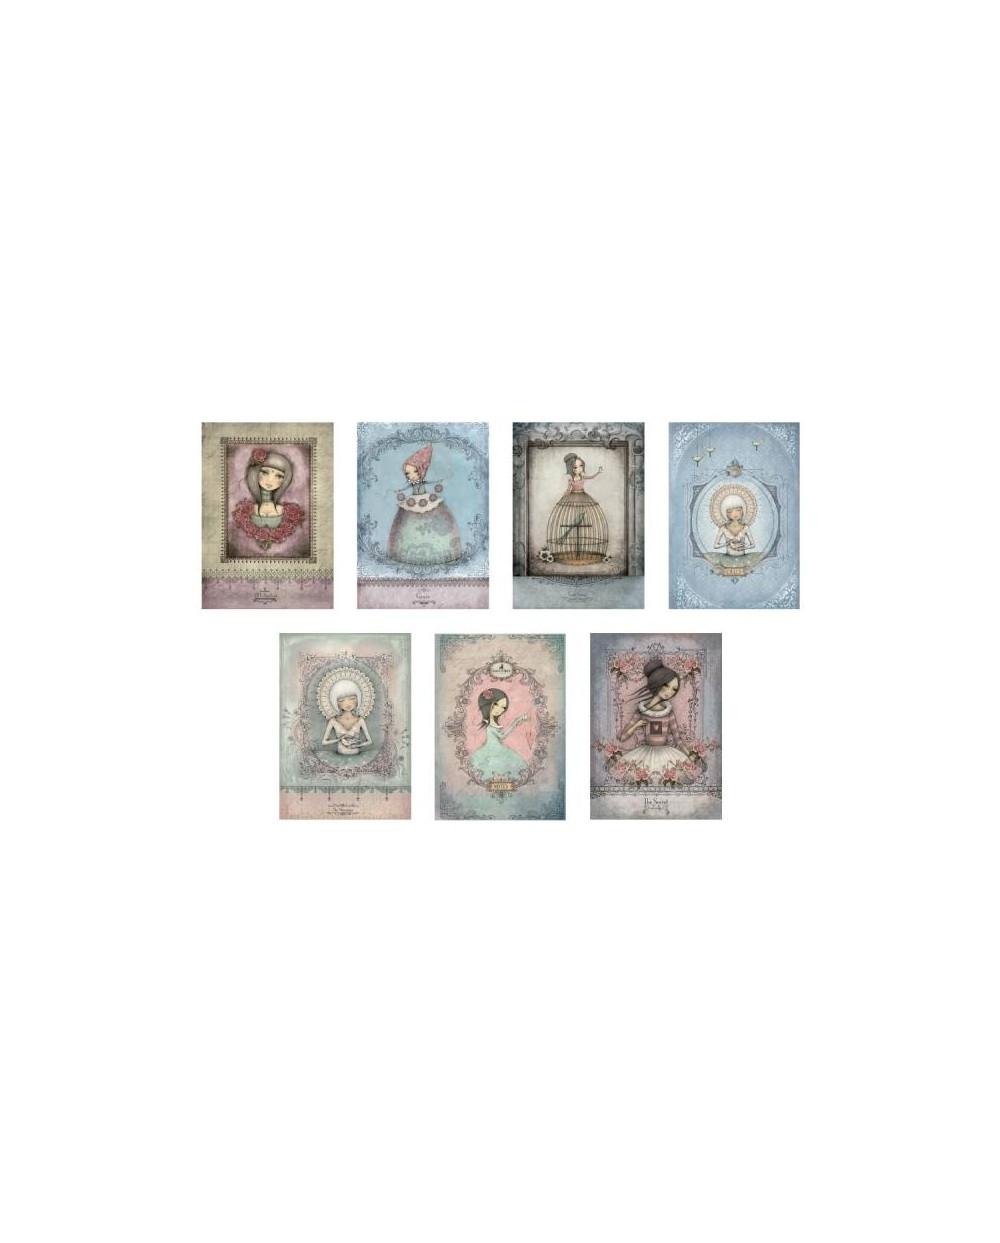 Тетрадка А4 мат/глитер Mirabelle, 44 л.ред, хартия крем 80 г/м2